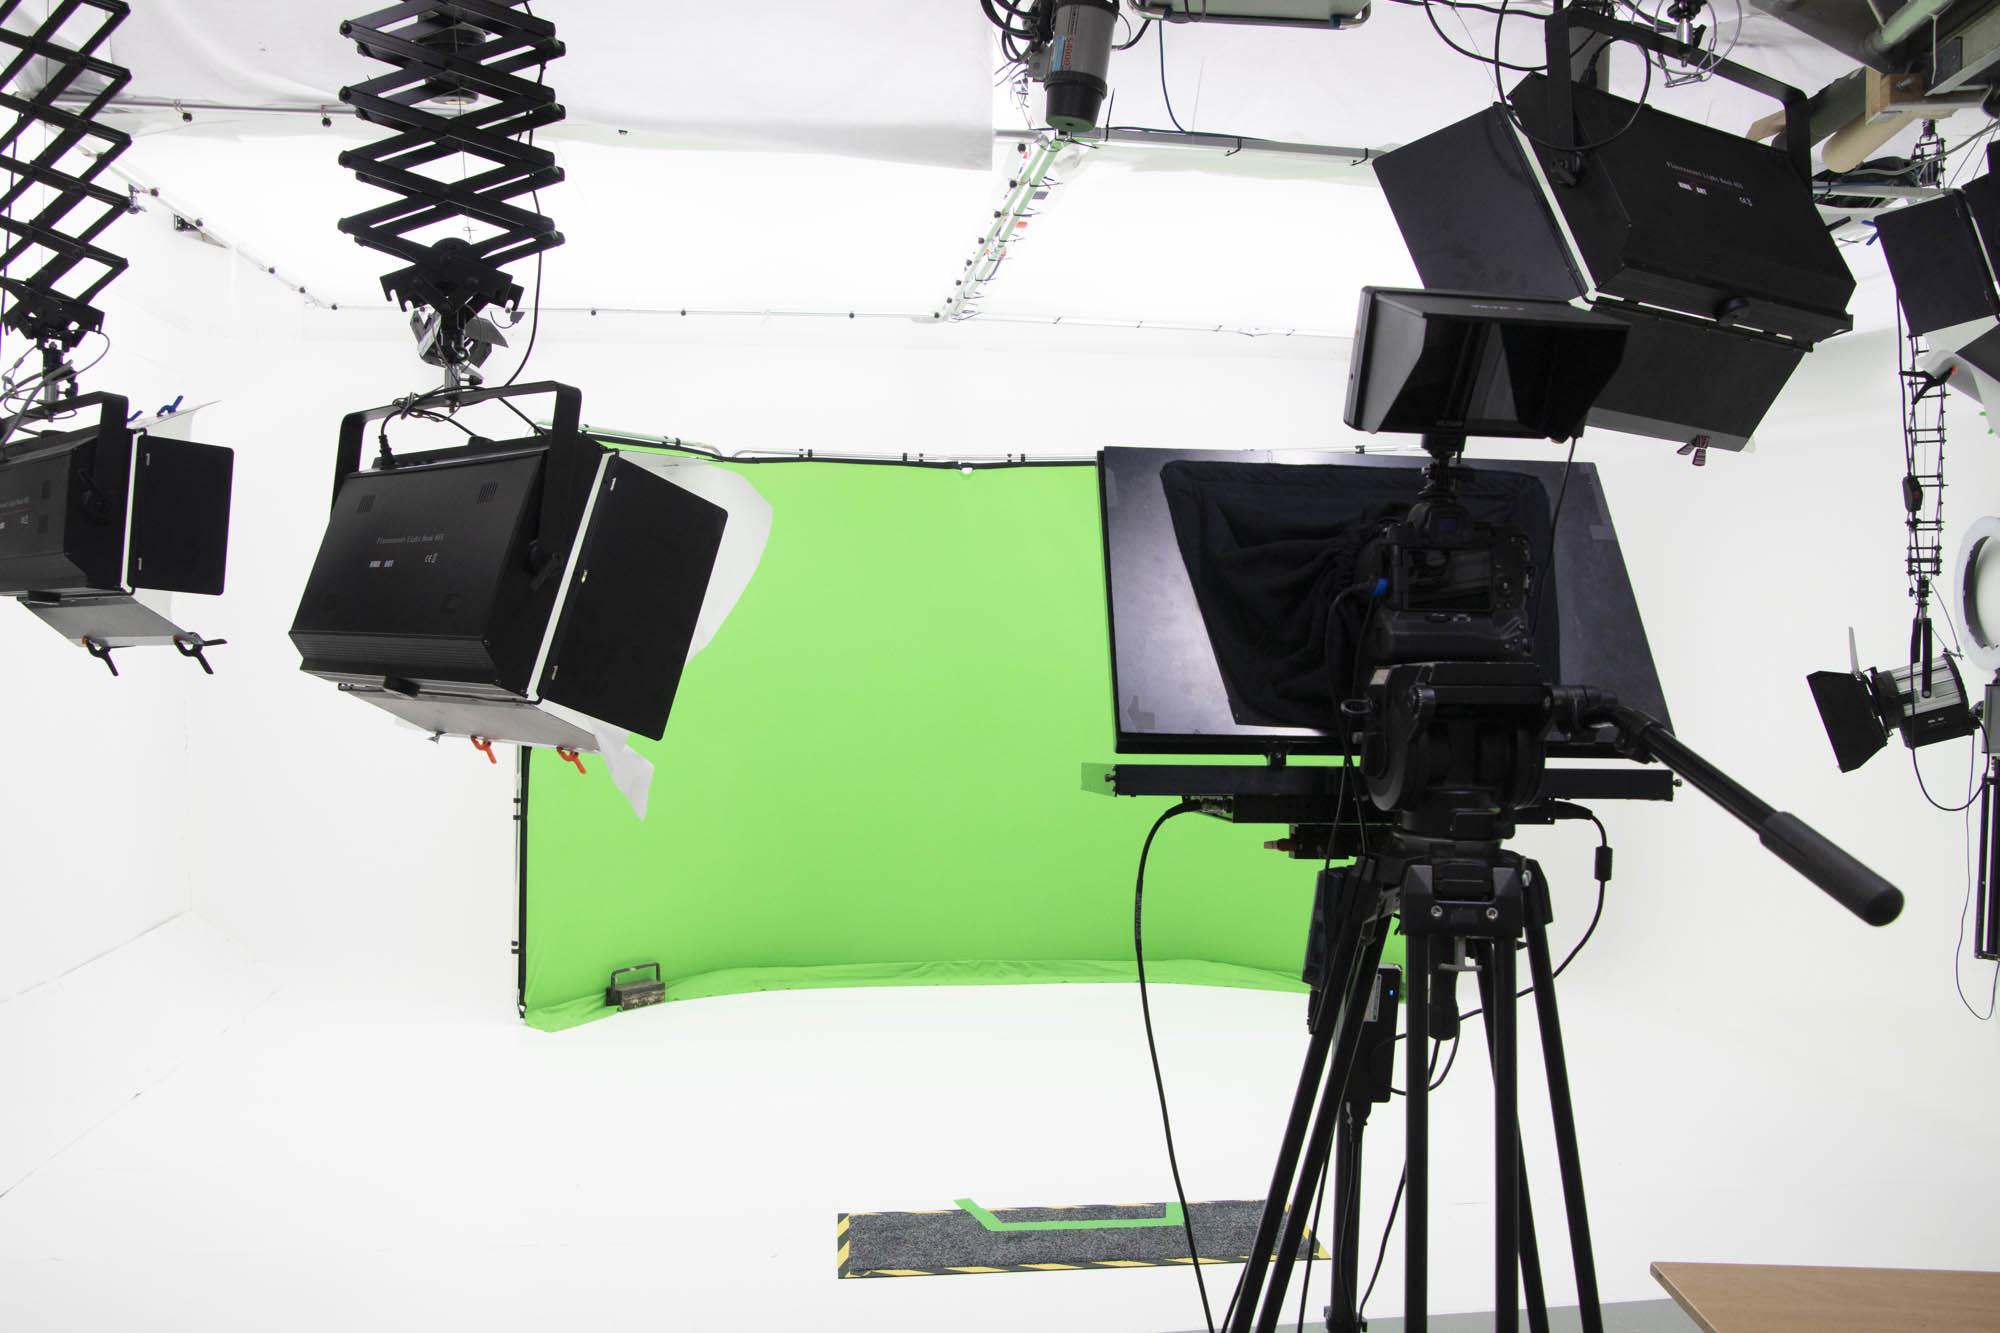 autoce/teleprompter for hire in big browndoors studio leeds